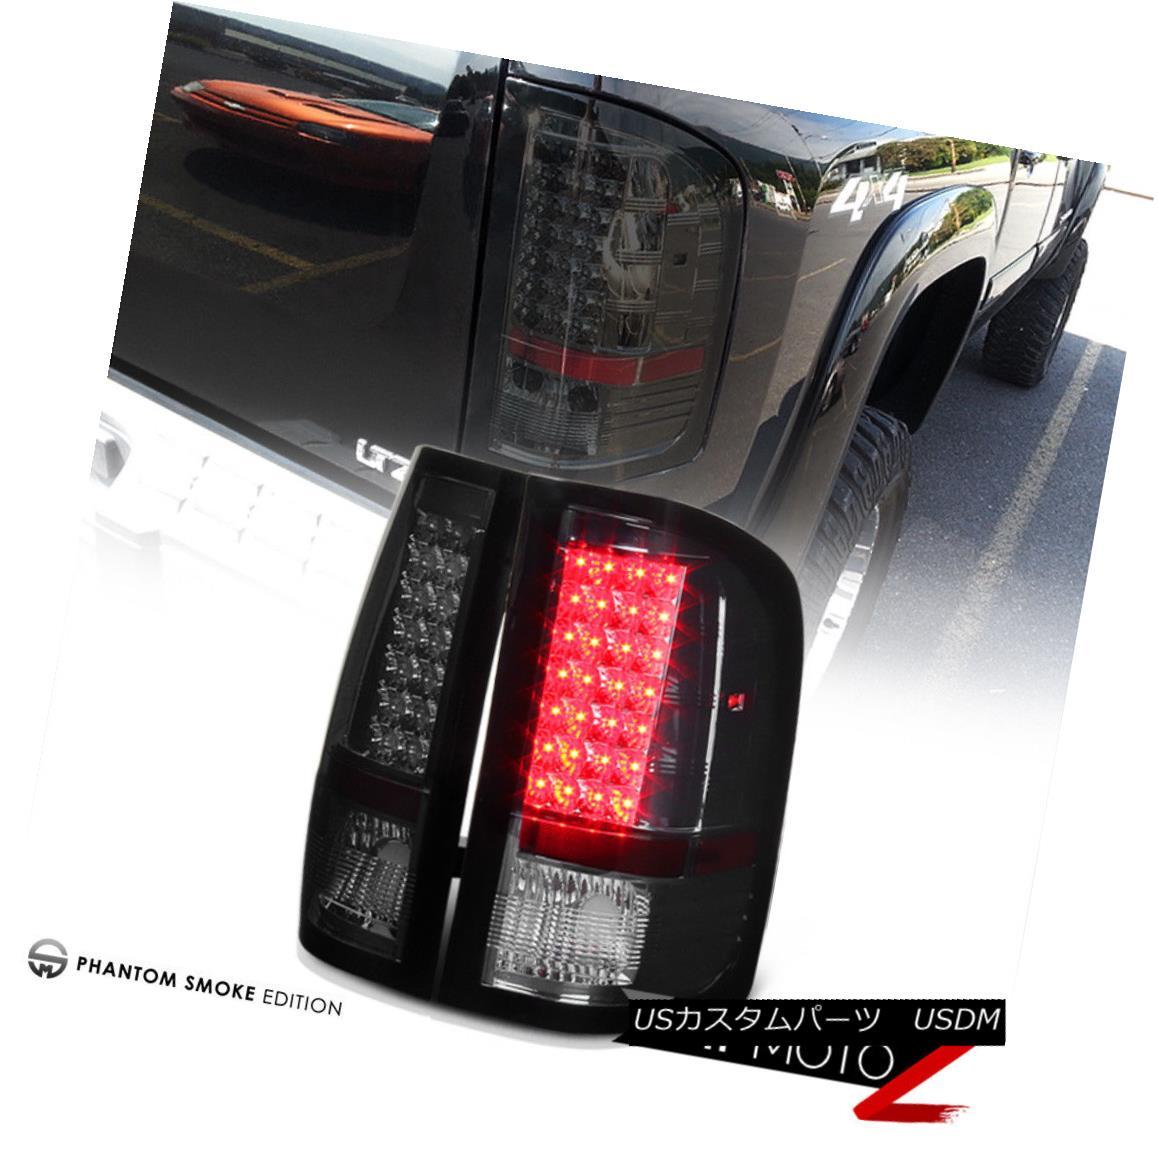 テールライト 2007-2013 Titanium Chevy Silverado テールライト SS Tail Titanium Smoke LED Tail Light Brake Signal Lamp Set 2007-2013シボレーシルバラードSSチタン煙LEDテールライトブレーキ信号ランプセット, 風船唐綿:0d37e227 --- officewill.xsrv.jp